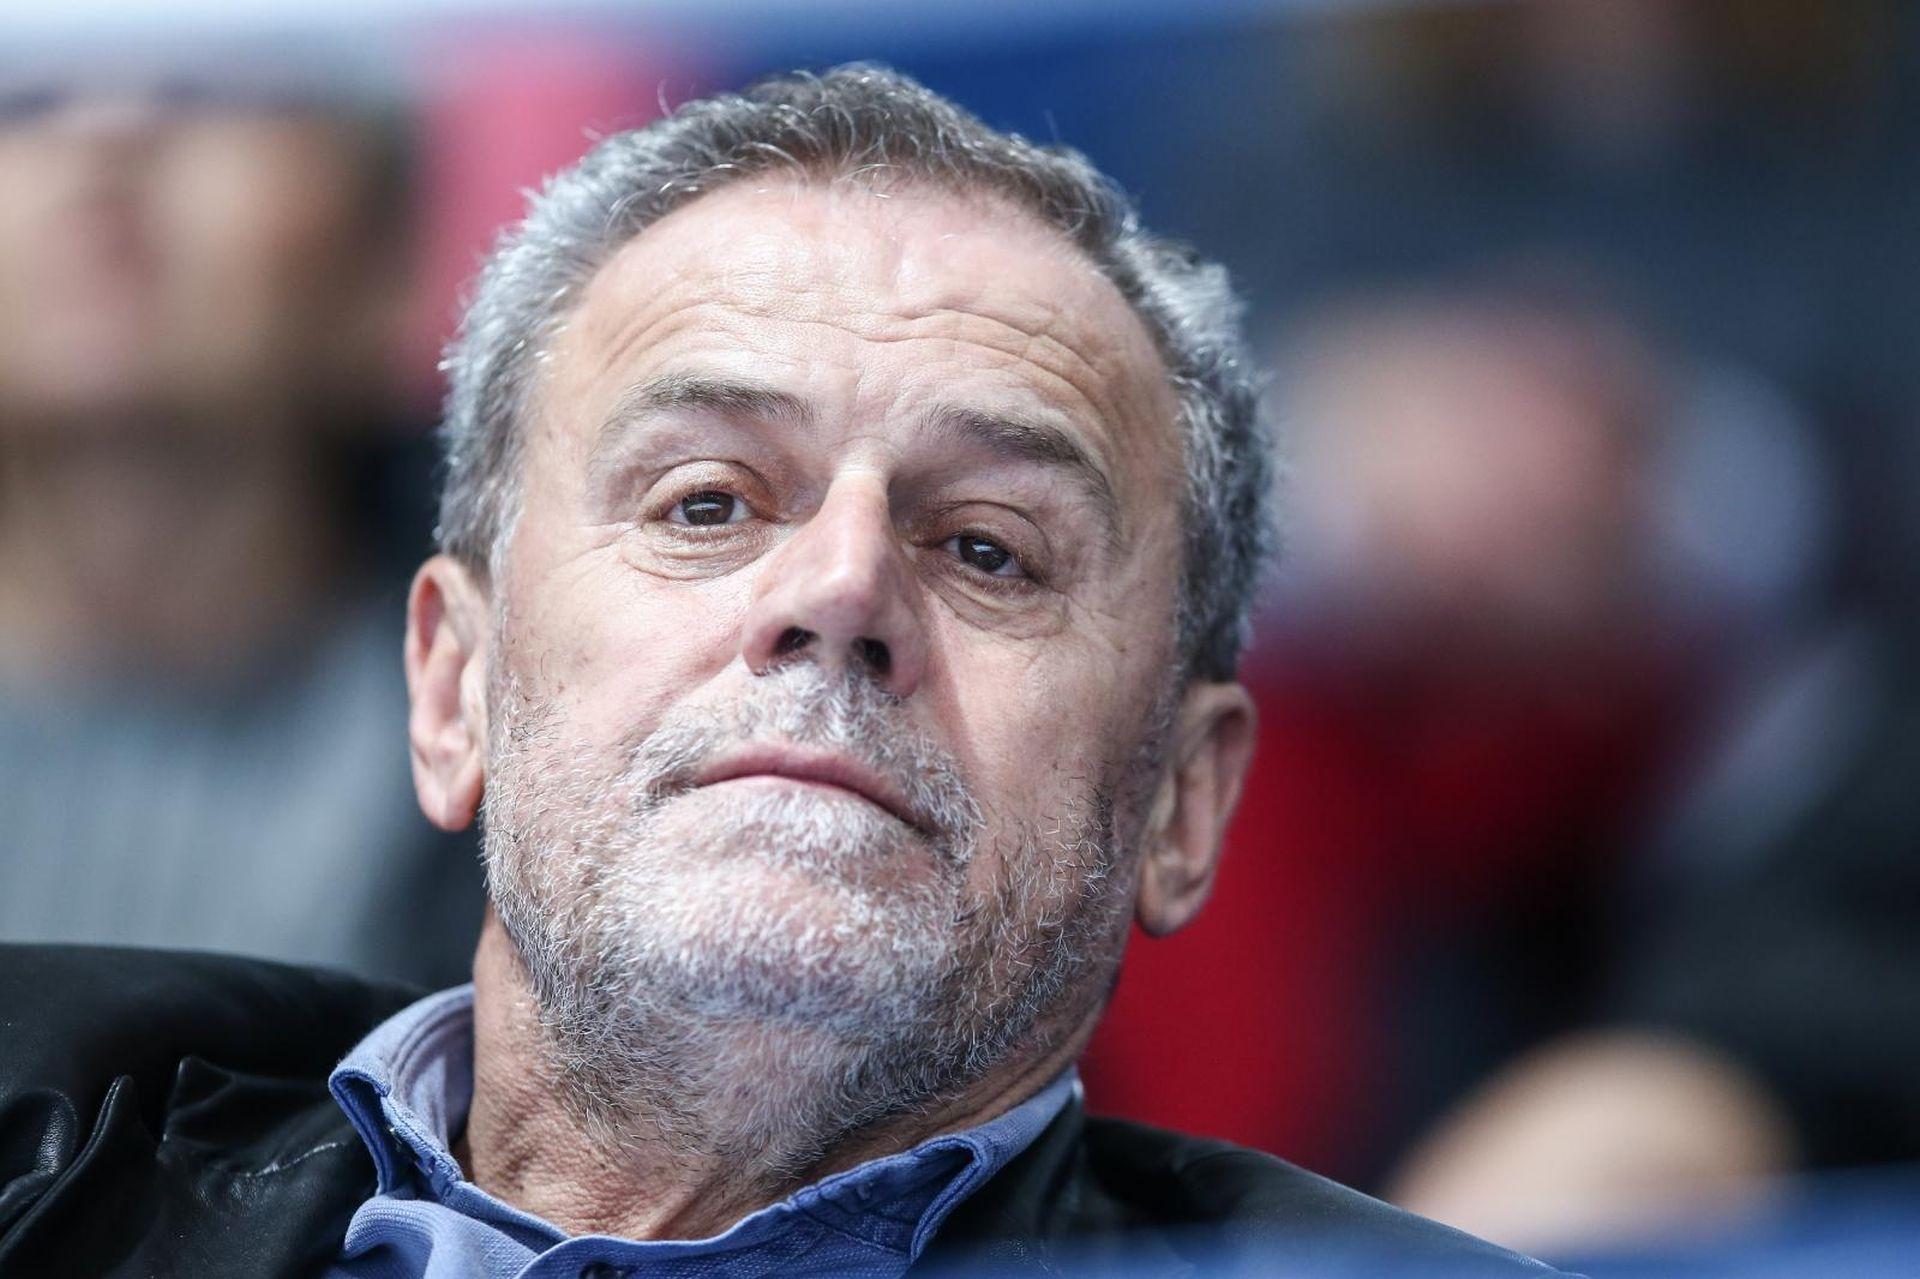 EKSKLUZIVNO: Tajna bogatstva zagrebačkog gradonačelnika